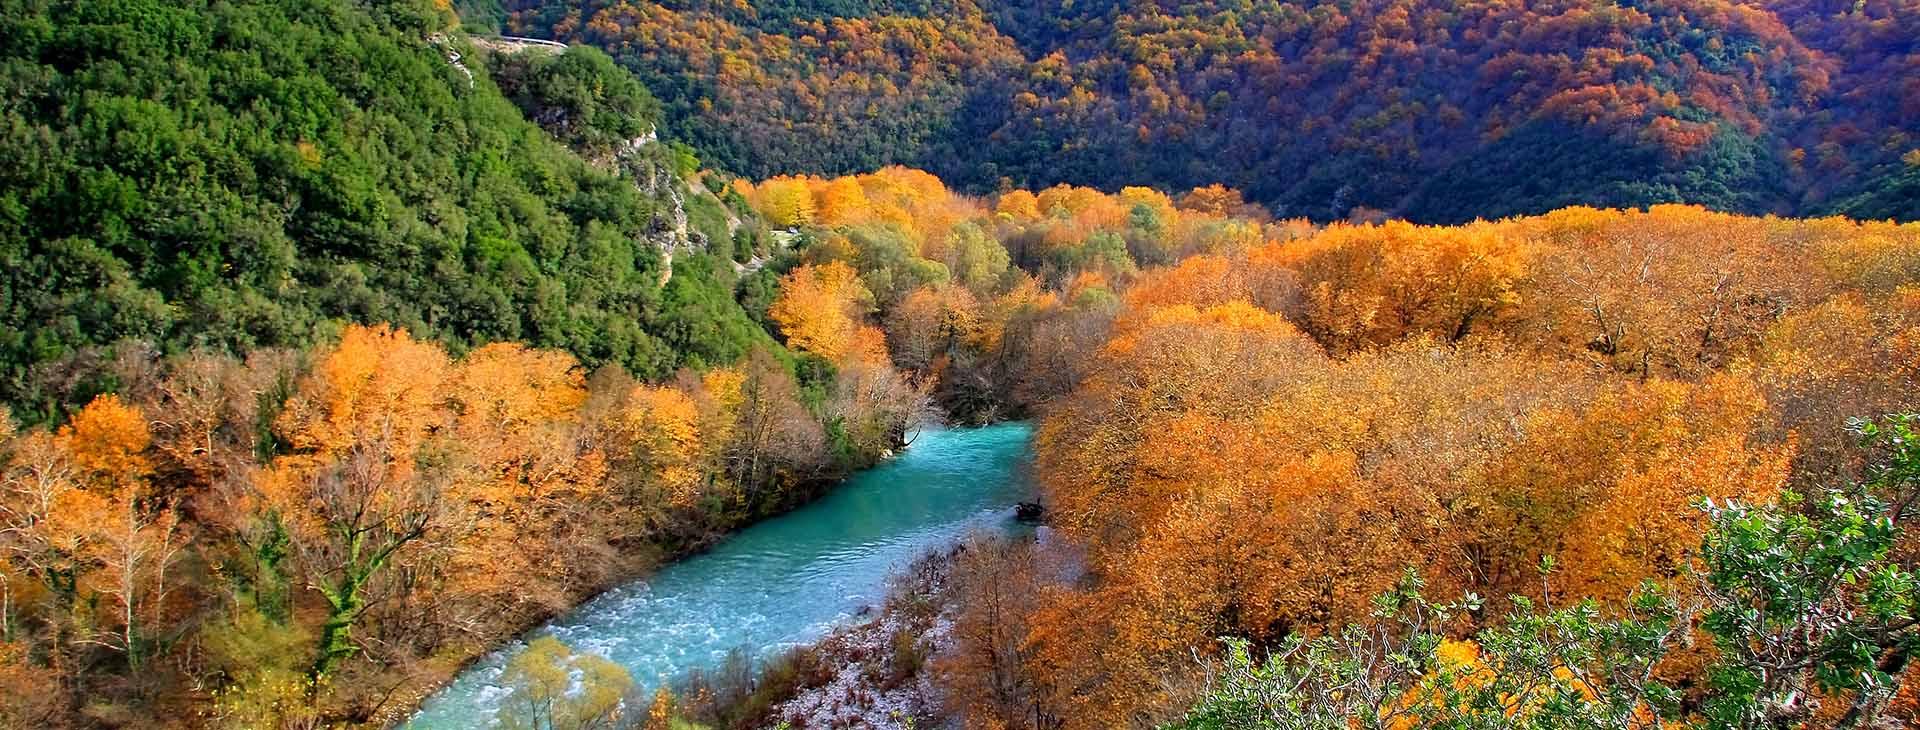 Voidomatis river, Ioannina